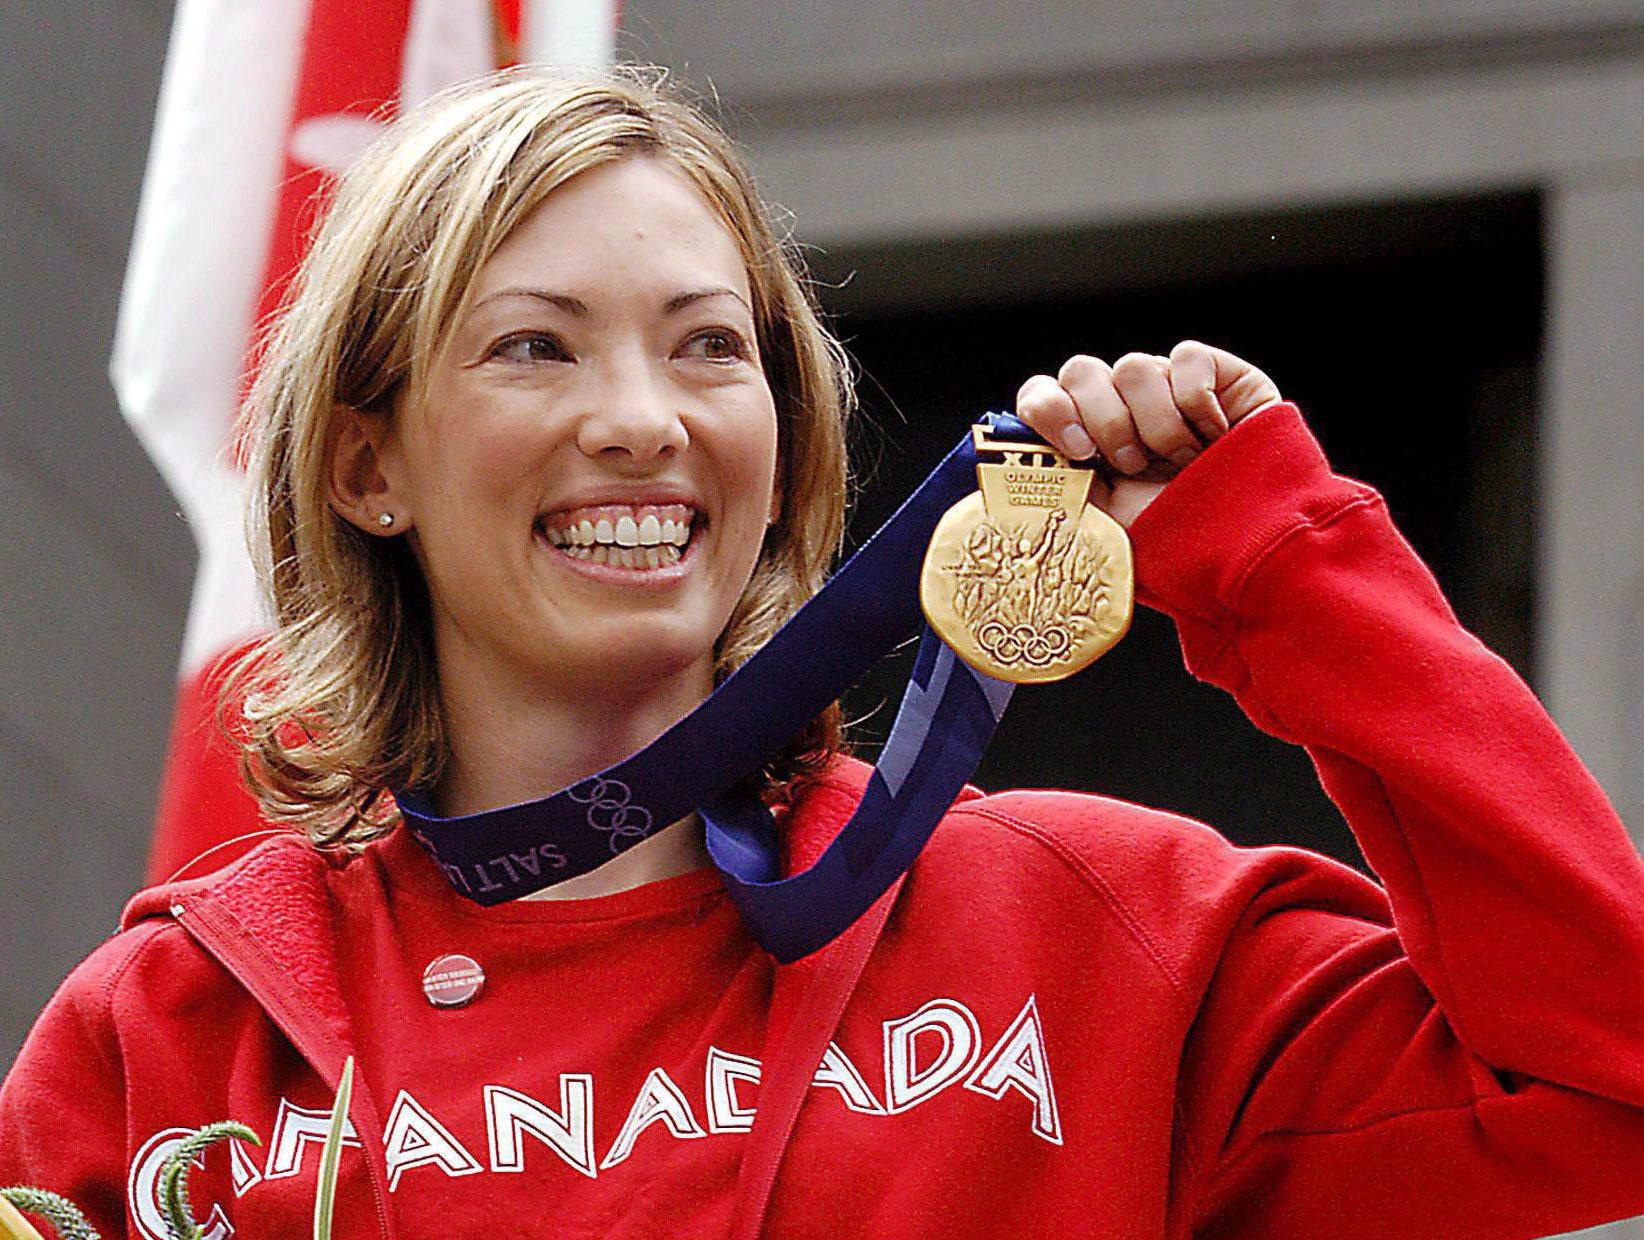 Une athlète avec une médaille d'or au cou